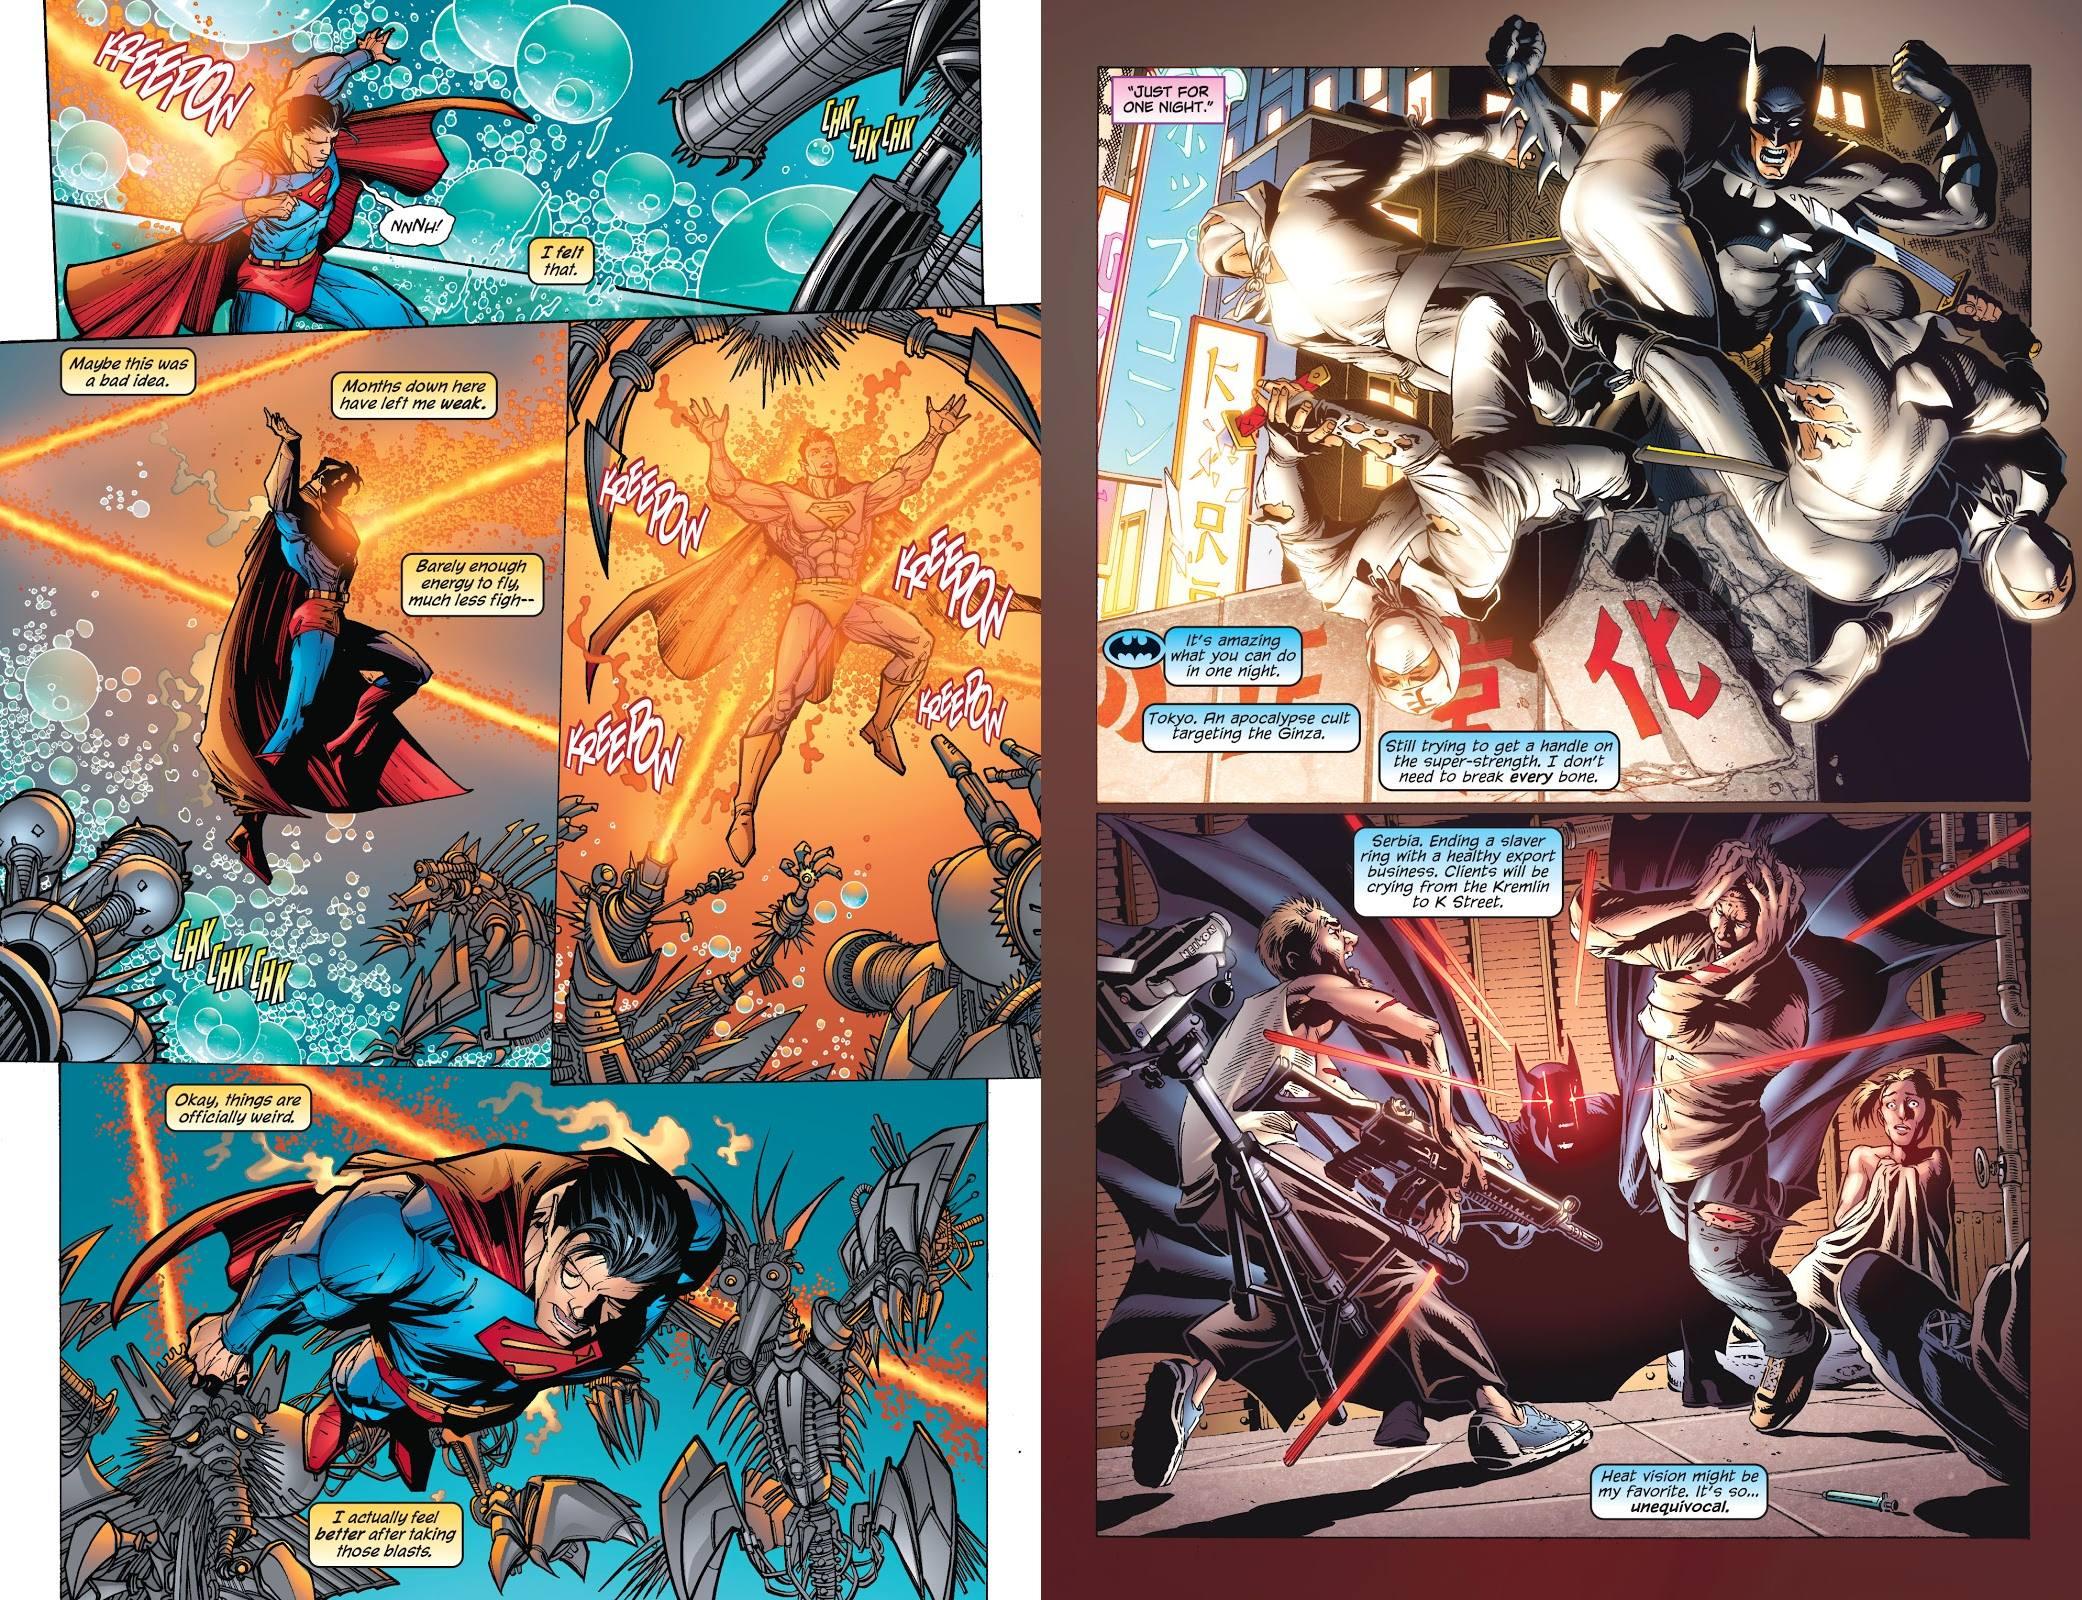 Superman Batman Vol 5 review